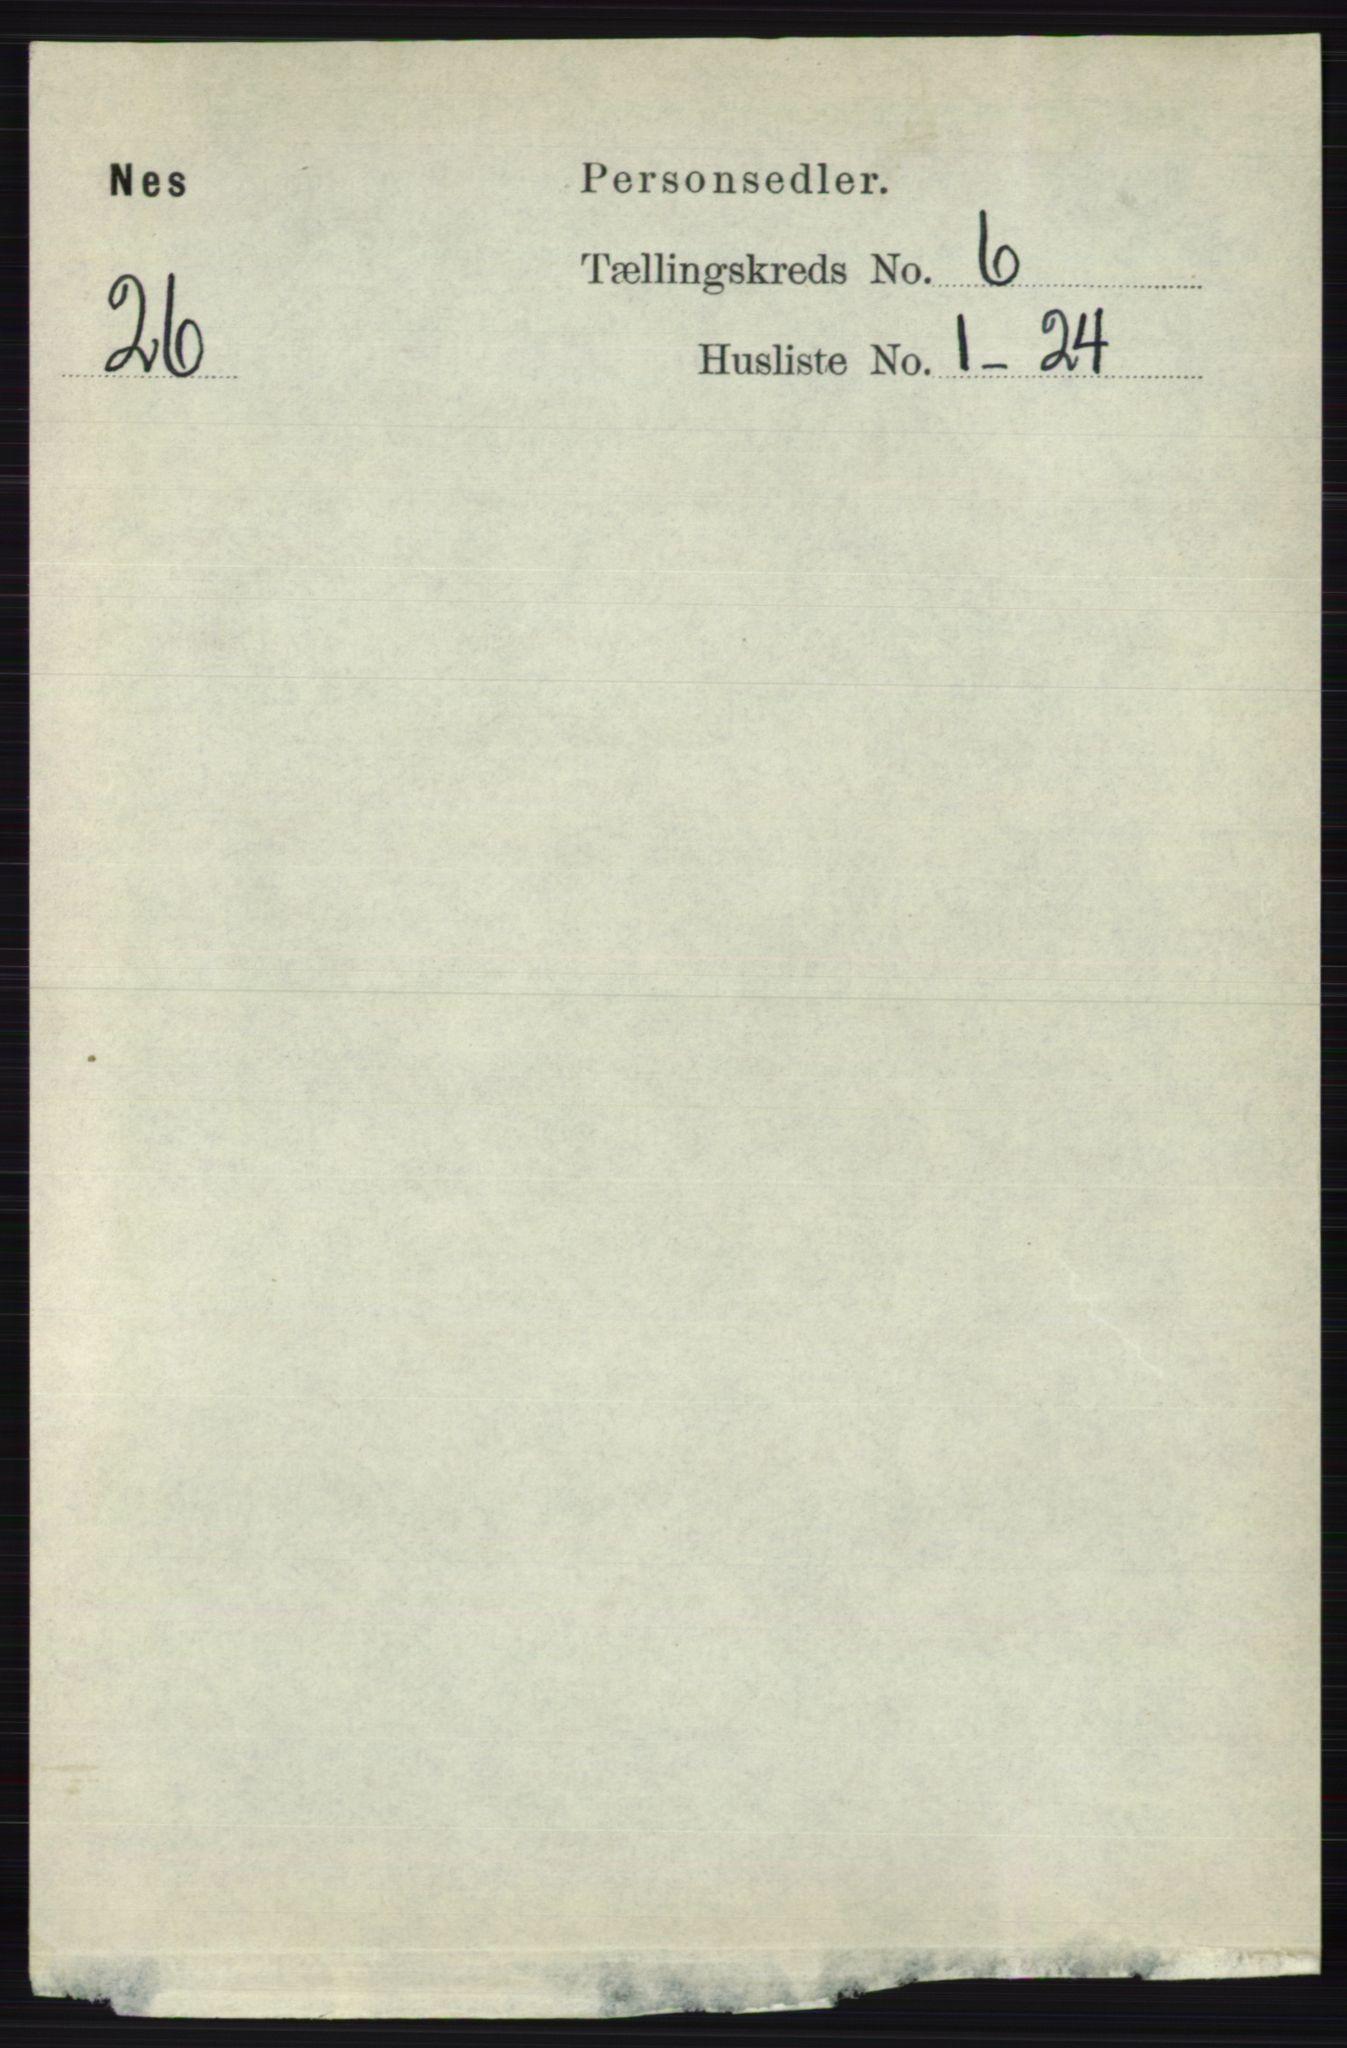 RA, Folketelling 1891 for 0236 Nes herred, 1891, s. 3393